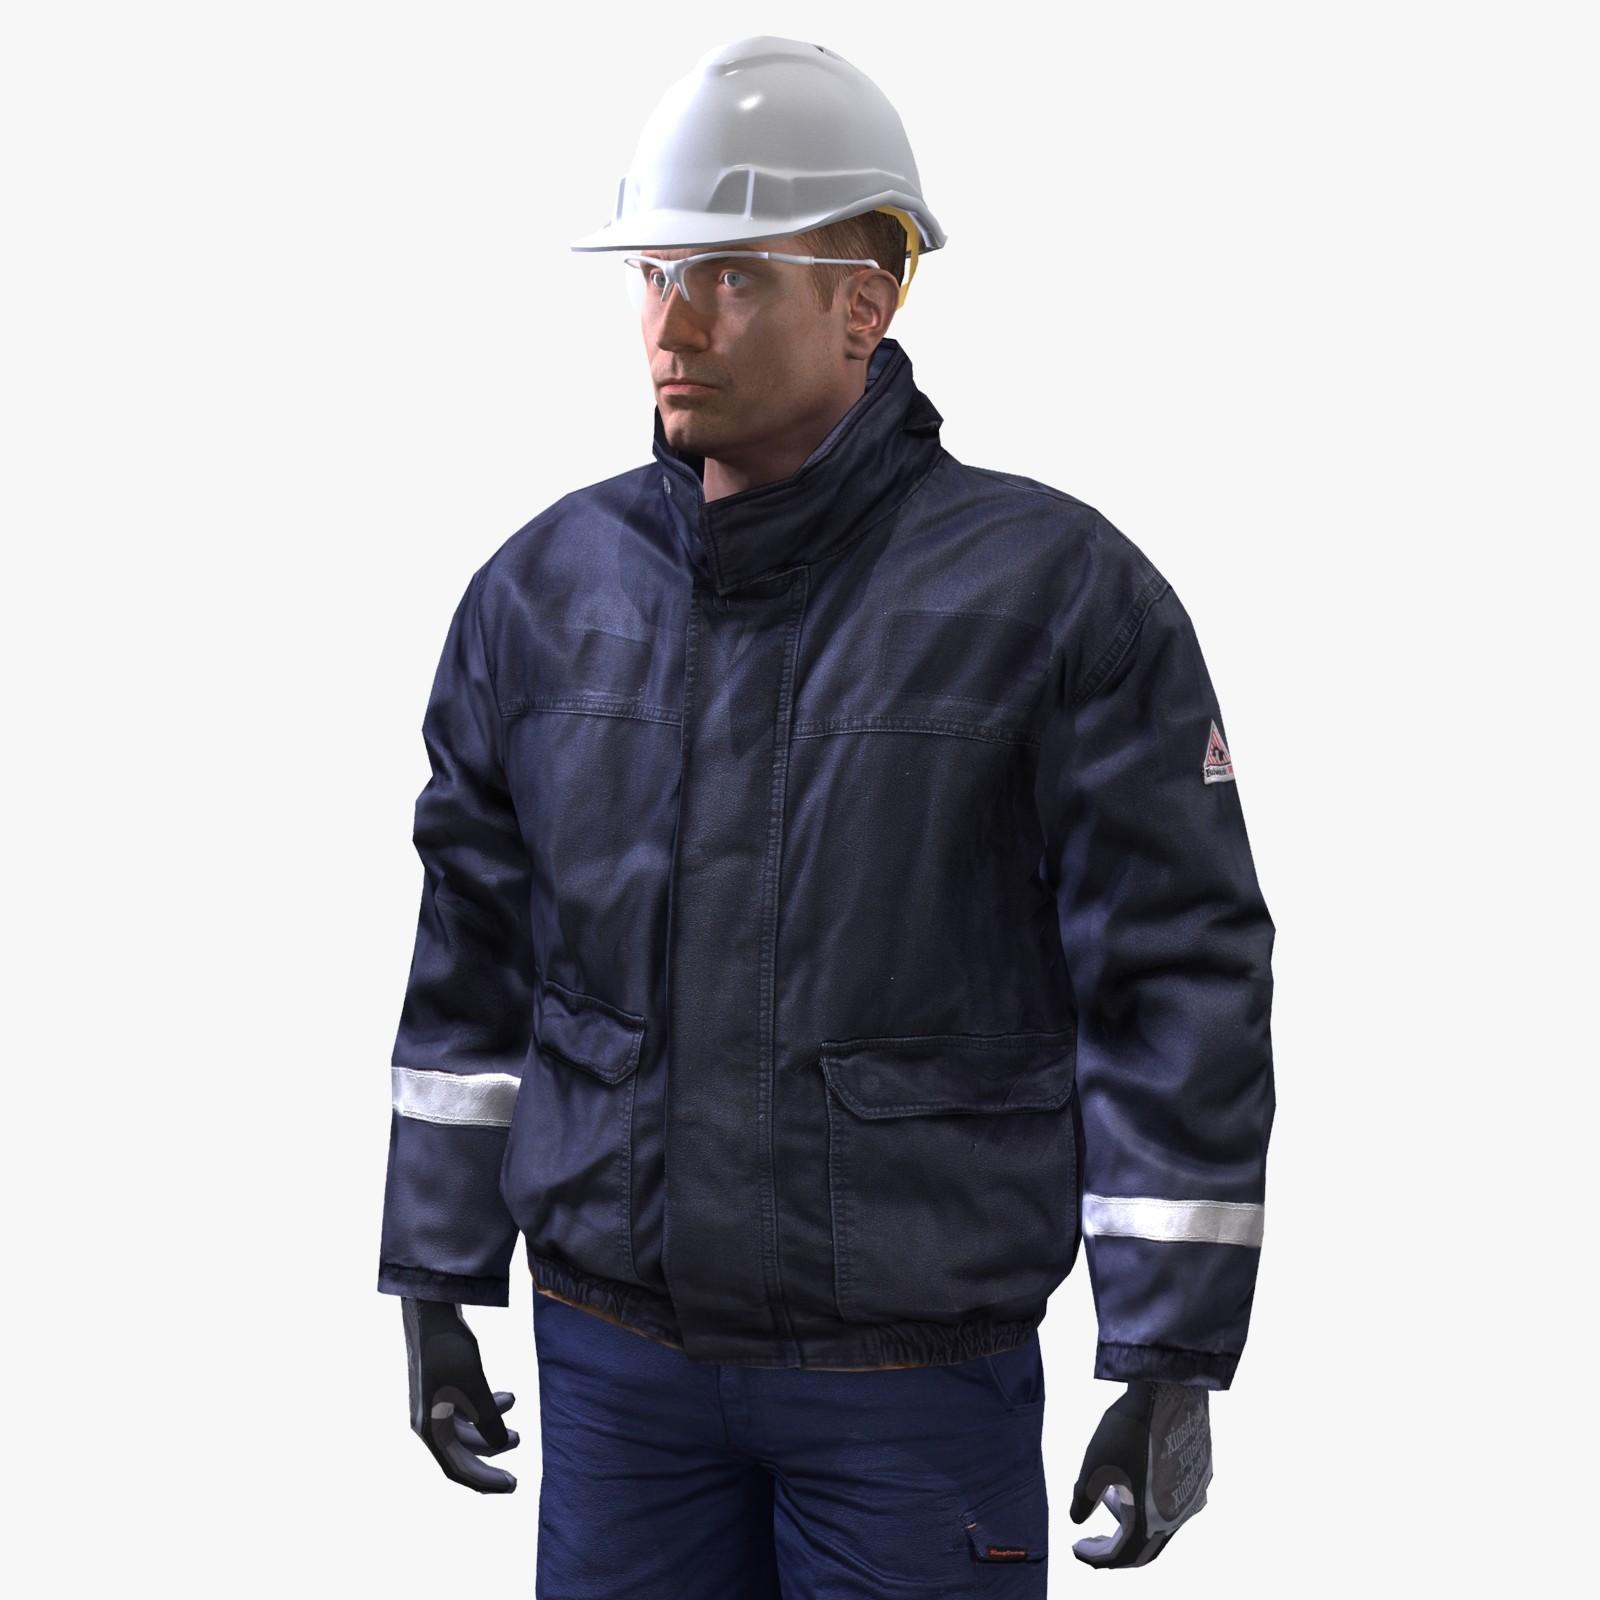 signature_jacket_01.jpg